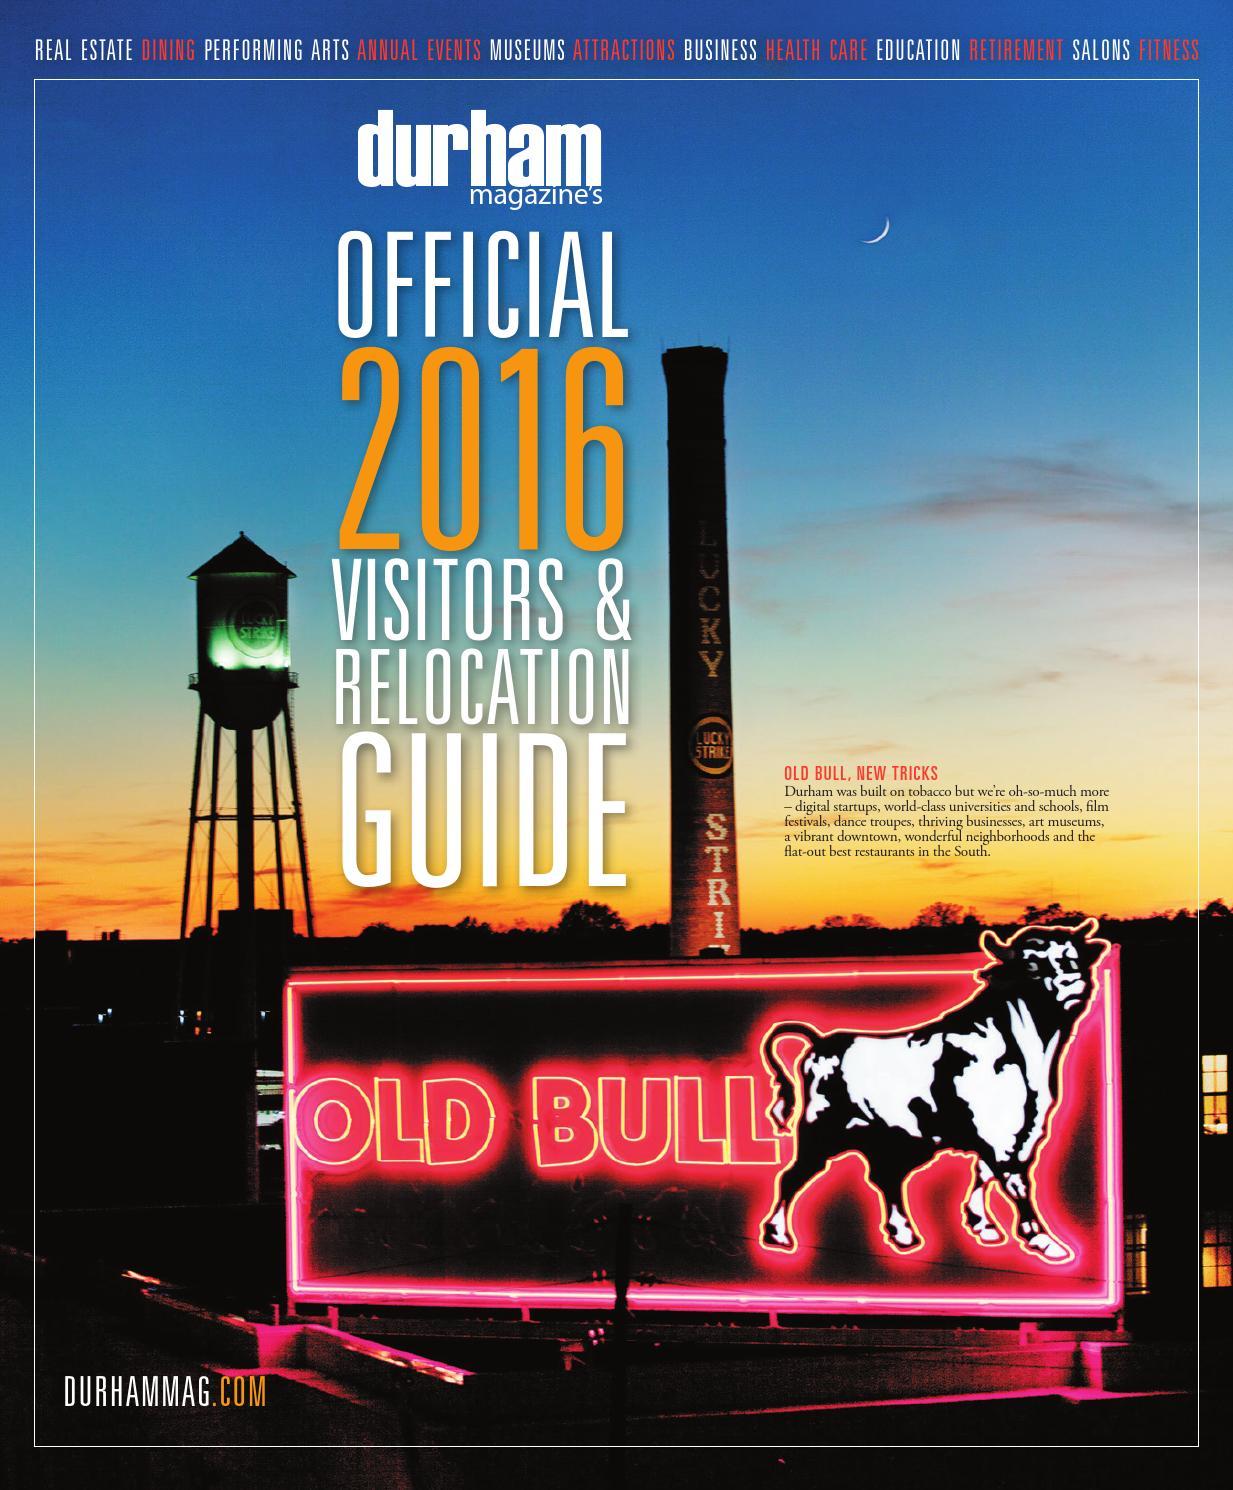 9e0f3222ad Durham Magazine 2016 Visitors   Relocation Guide by Shannon Media ...